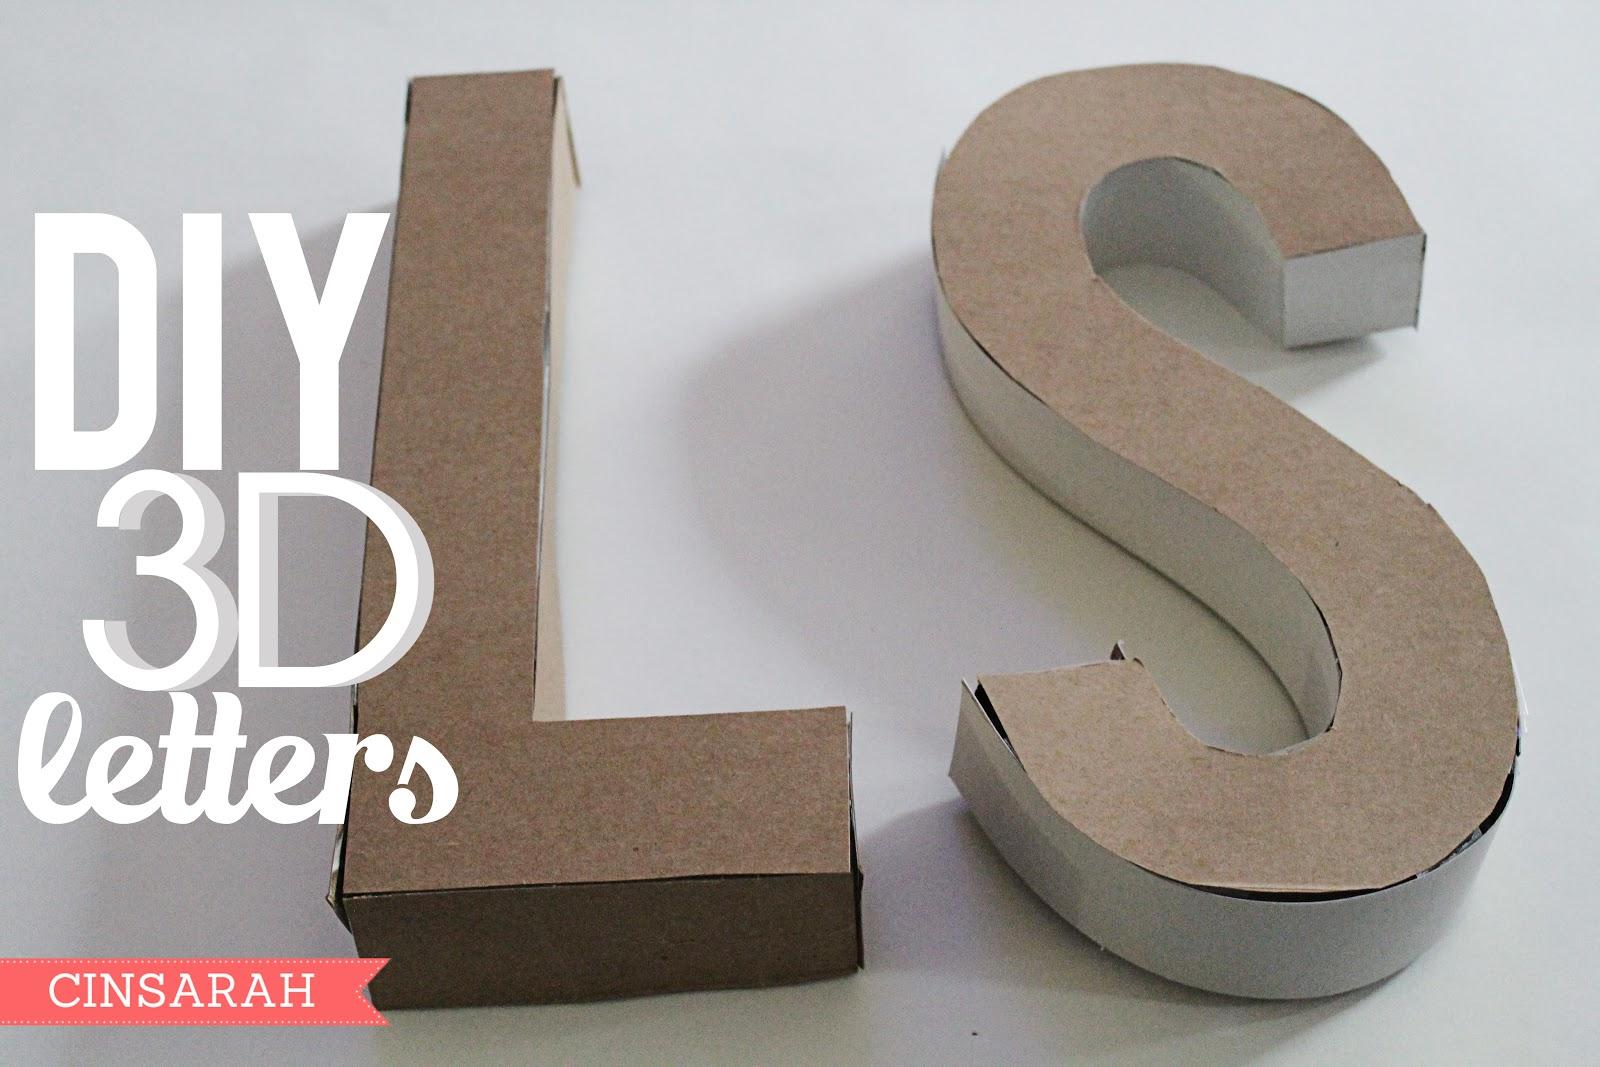 Cinsarah: Diy 3D Letters - Free Printable 3D Letters